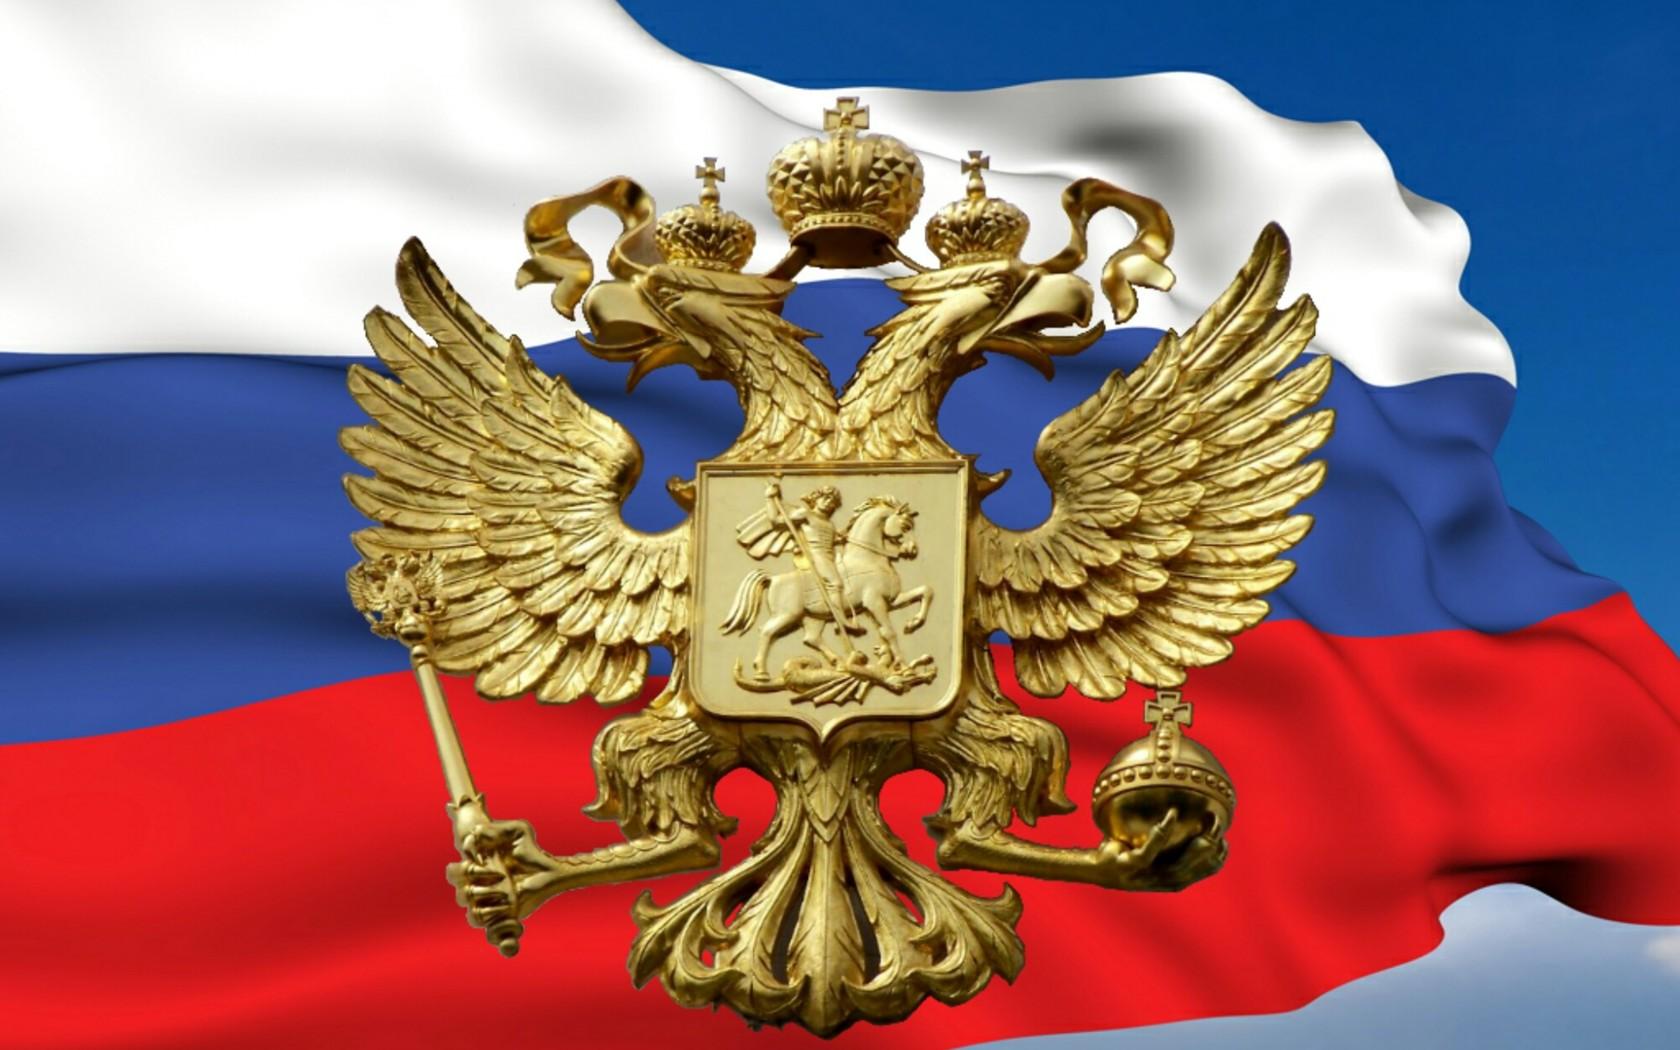 Уважаемые Партнеры, спешим поздравить Вас с наступающим праздником! День России - 12 июня это праздник, ознаменовавший начало новейшей истории и государства Российская Федерация.